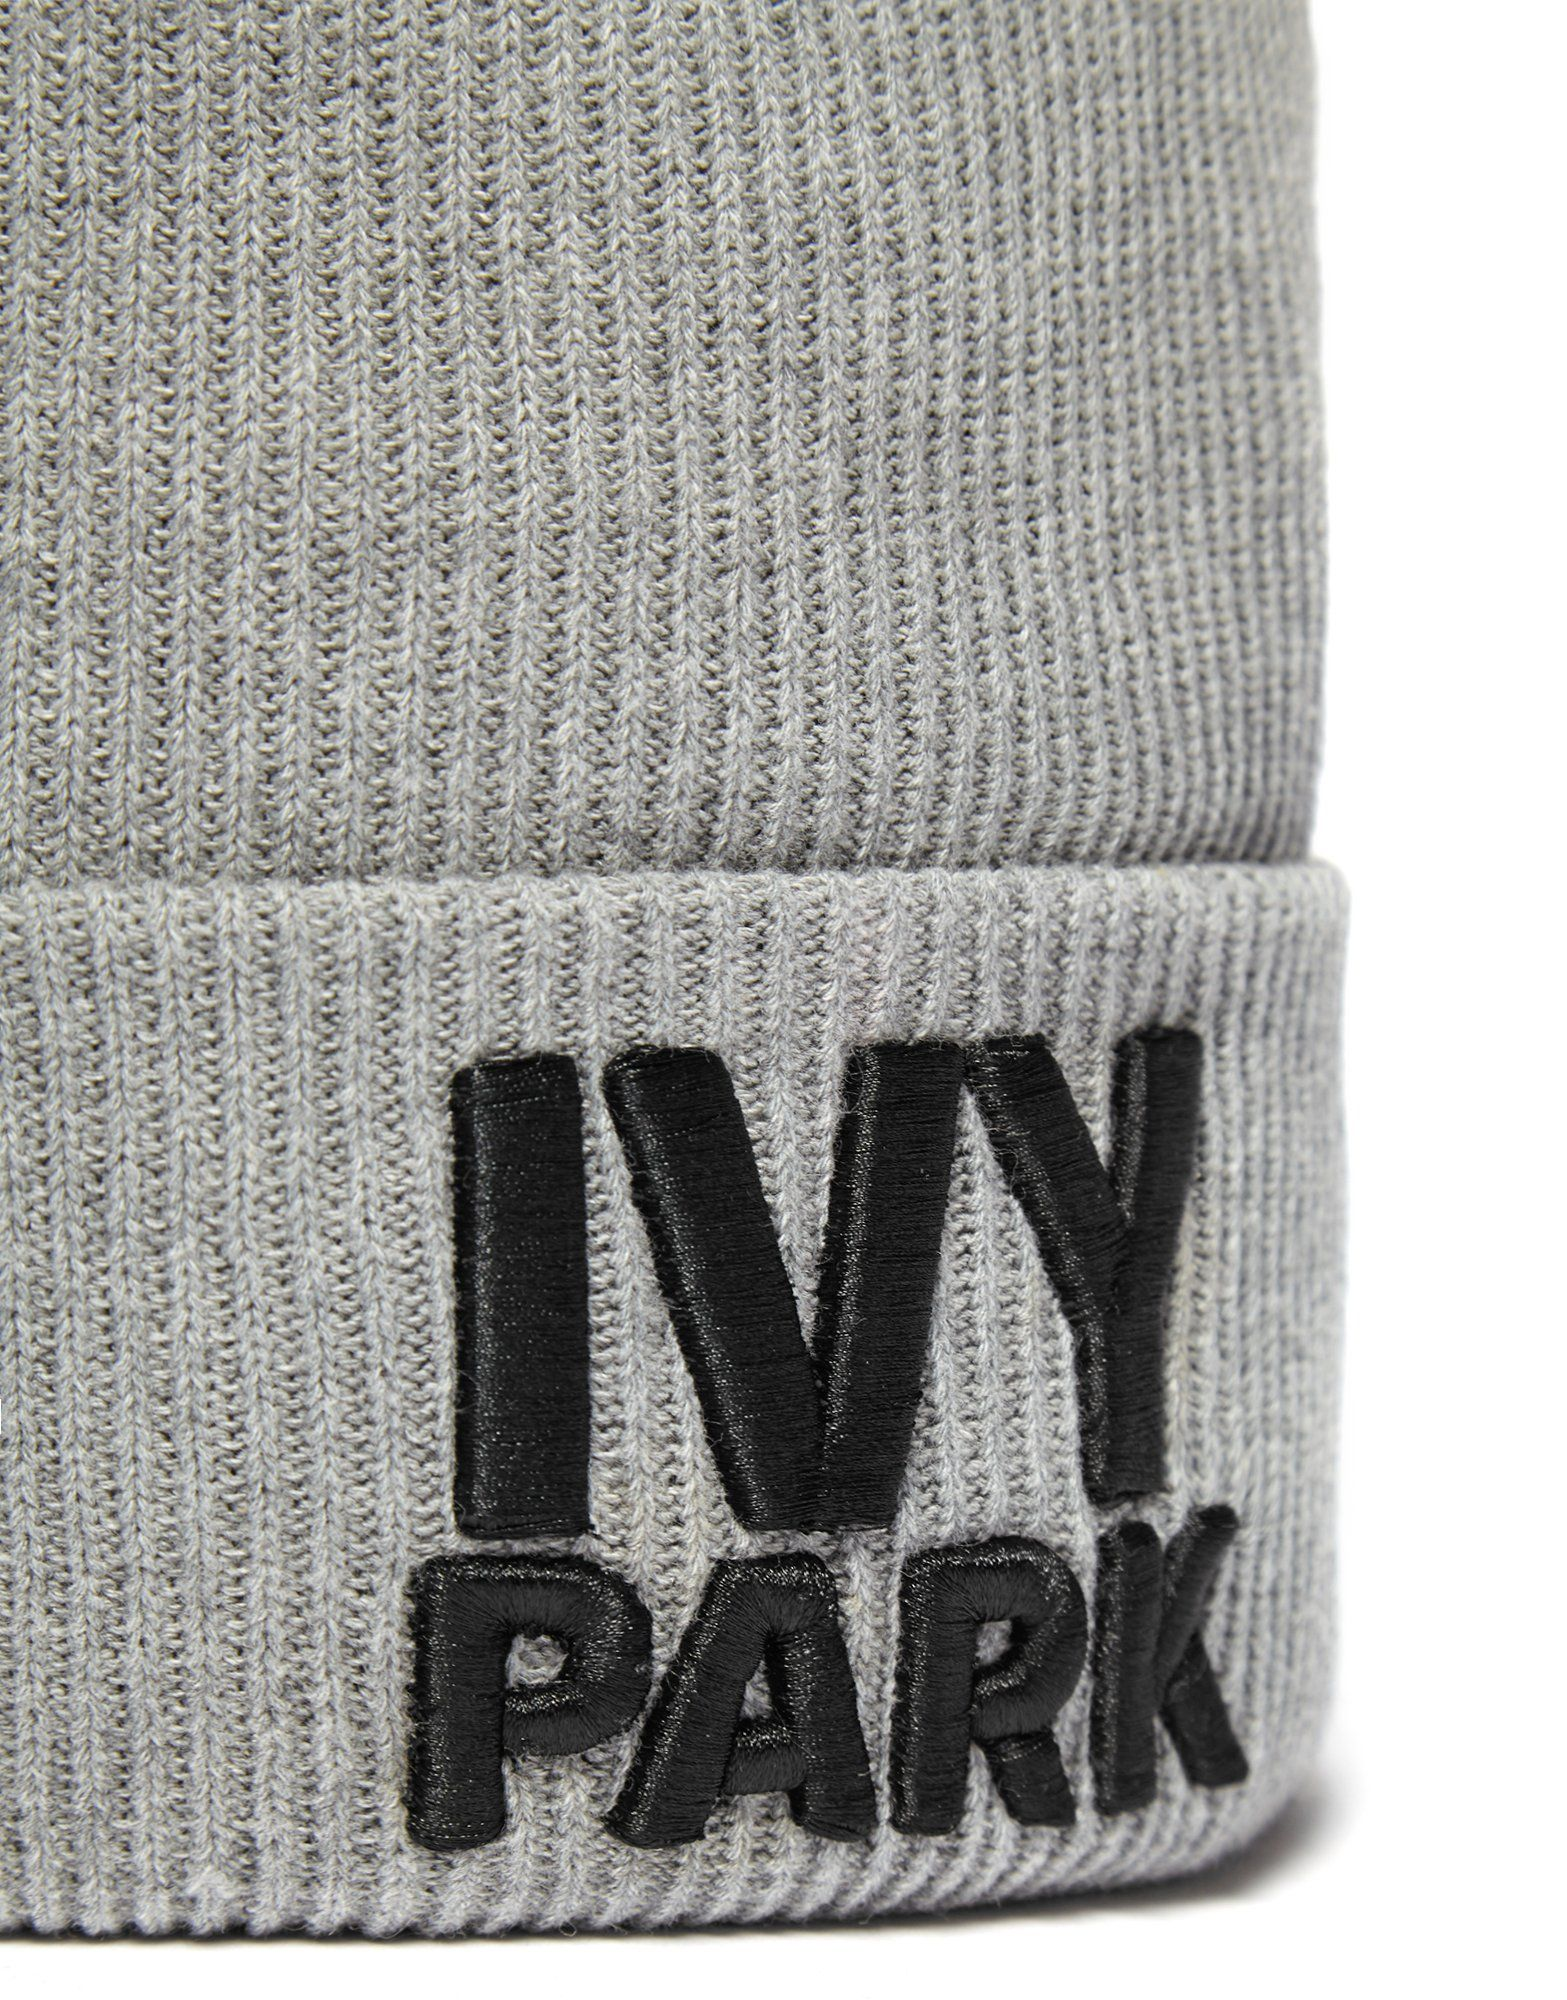 IVY PARK Beanie